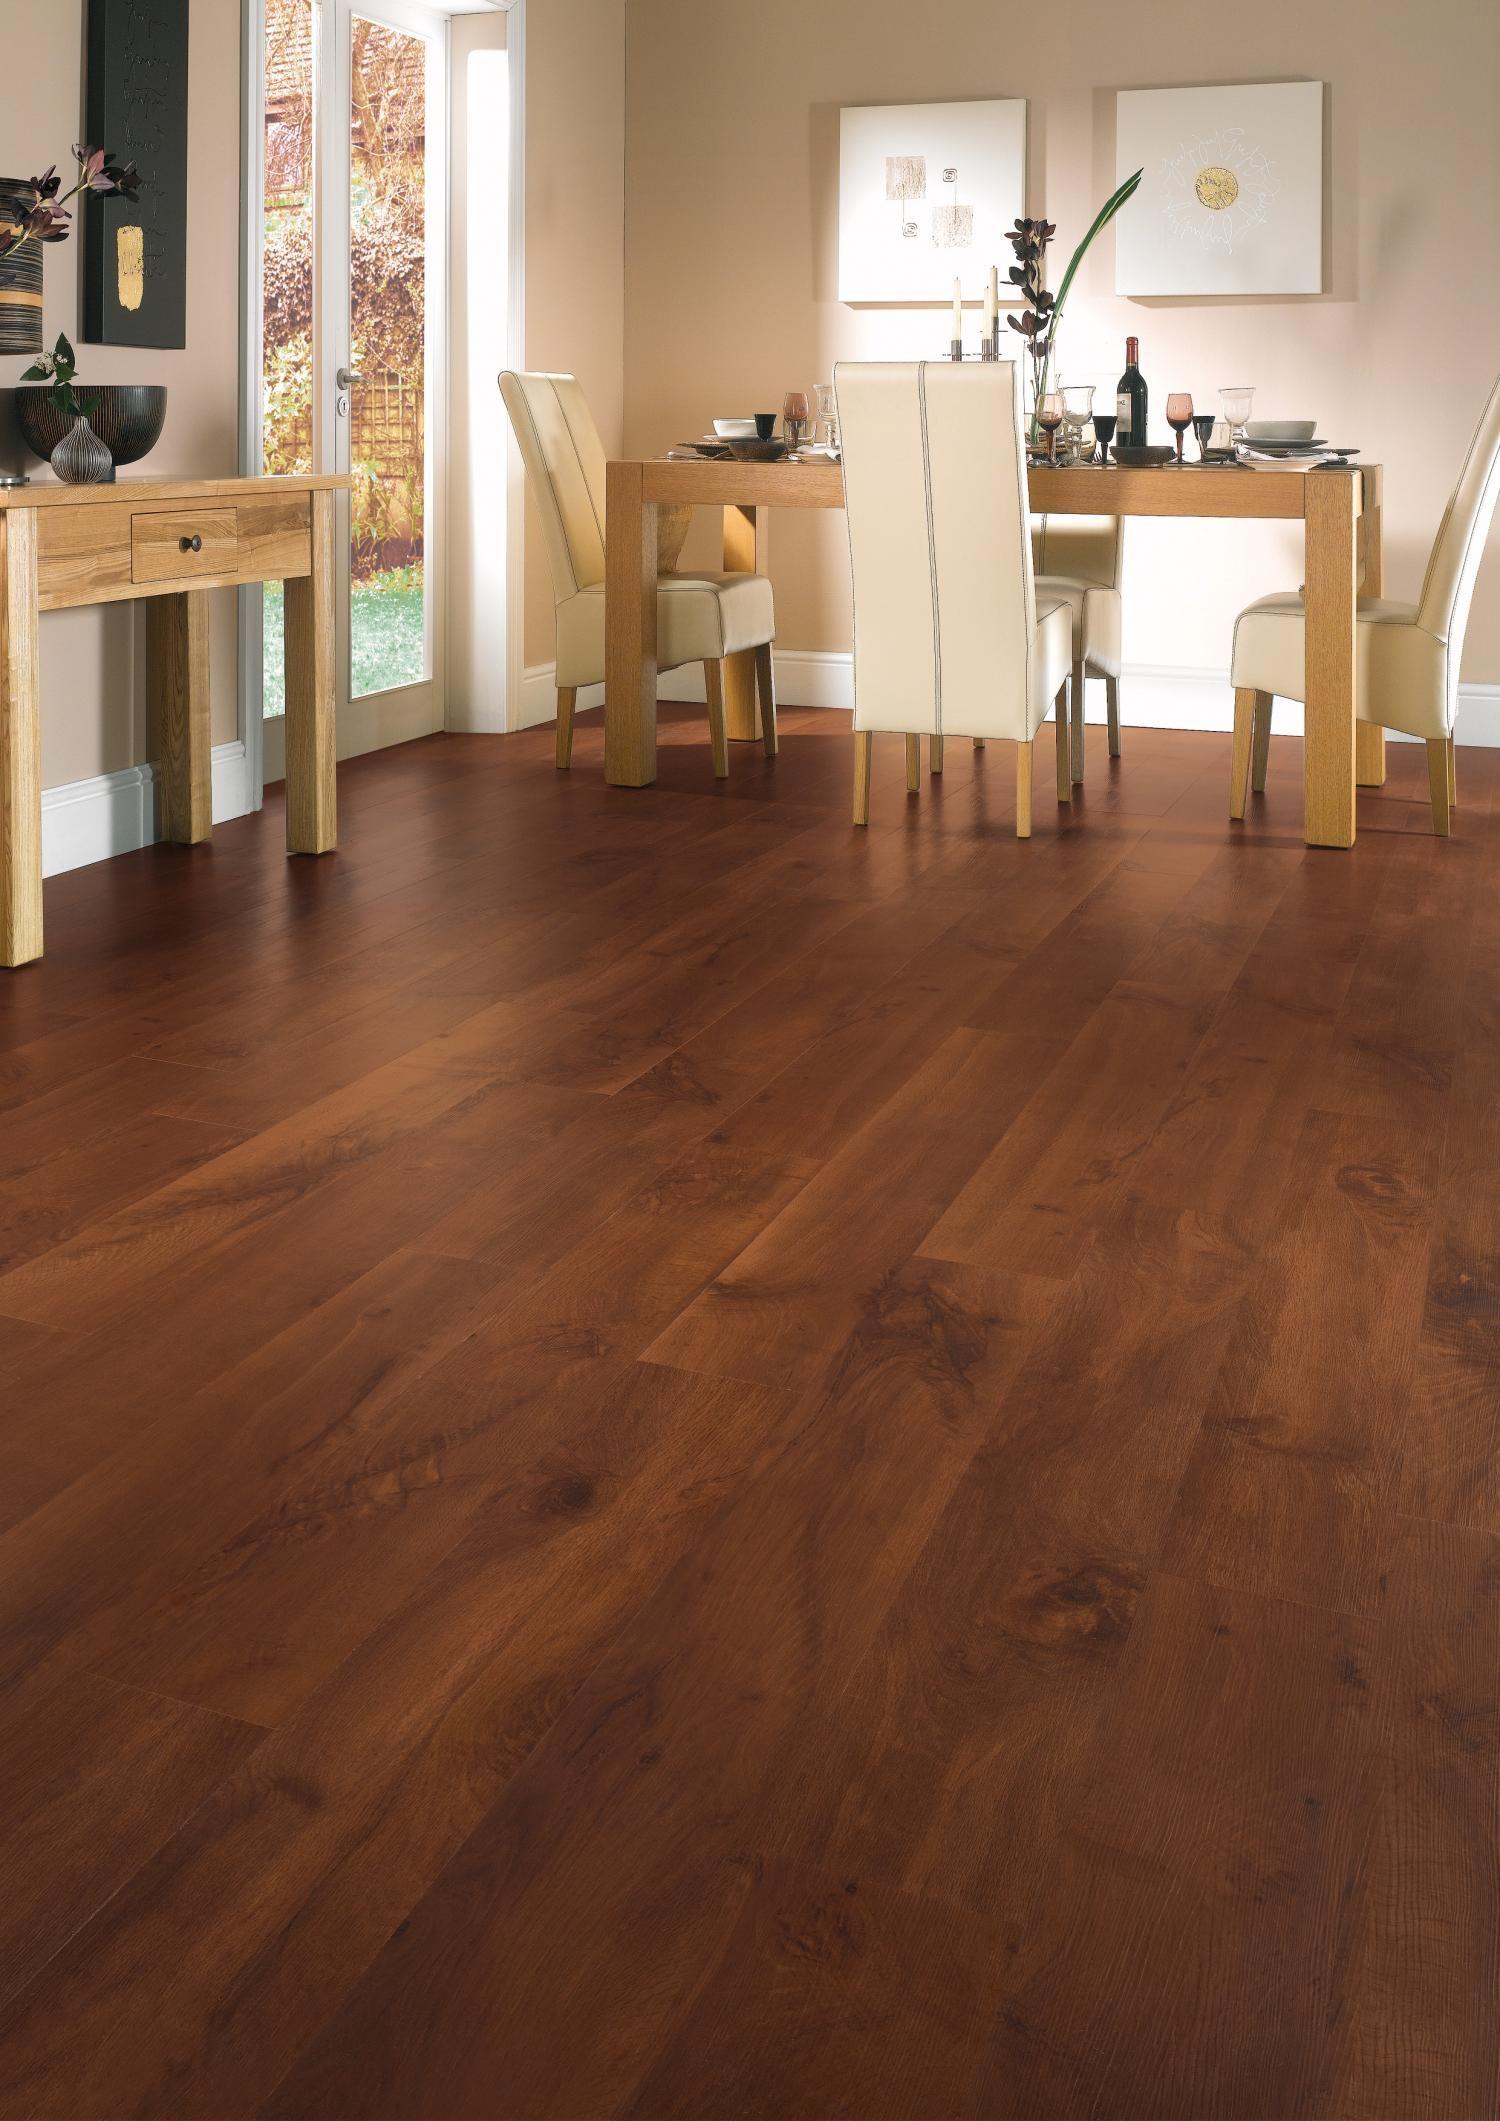 wynl ernakulam manufacturers in vinyl suppliers floorings floors dealers flooring prices